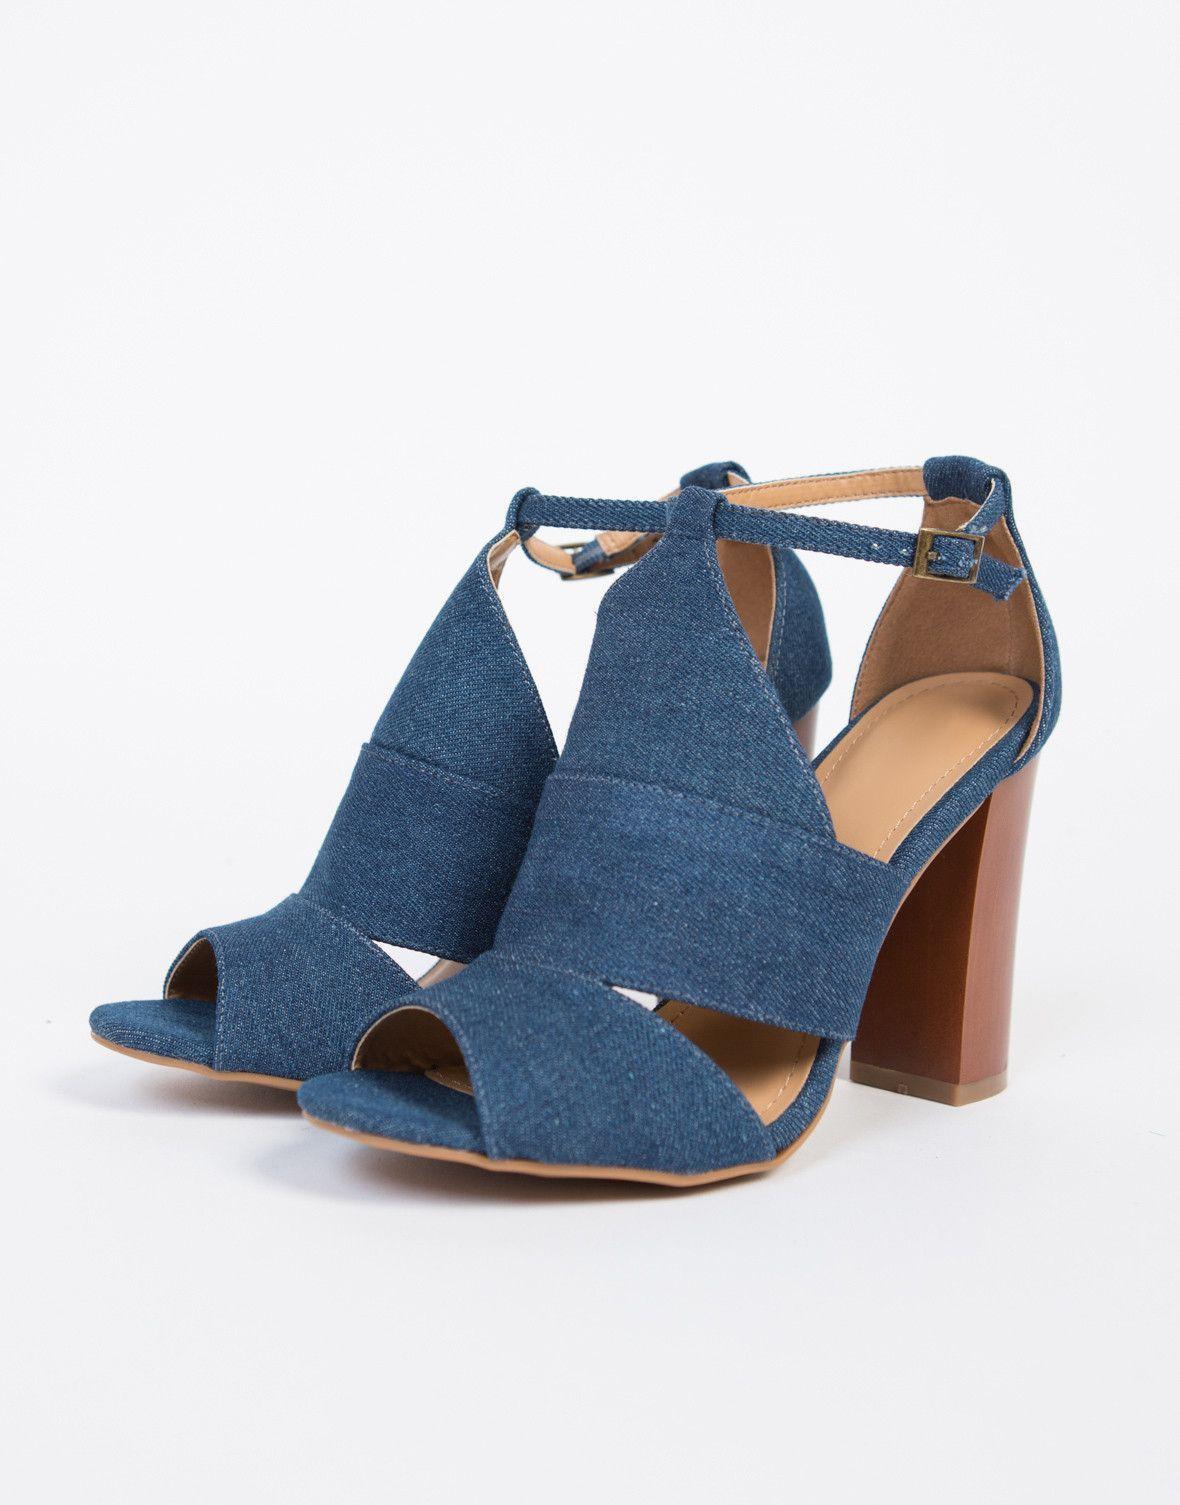 Denim Block Heel Sandals   Heels, Block heels, Shoes